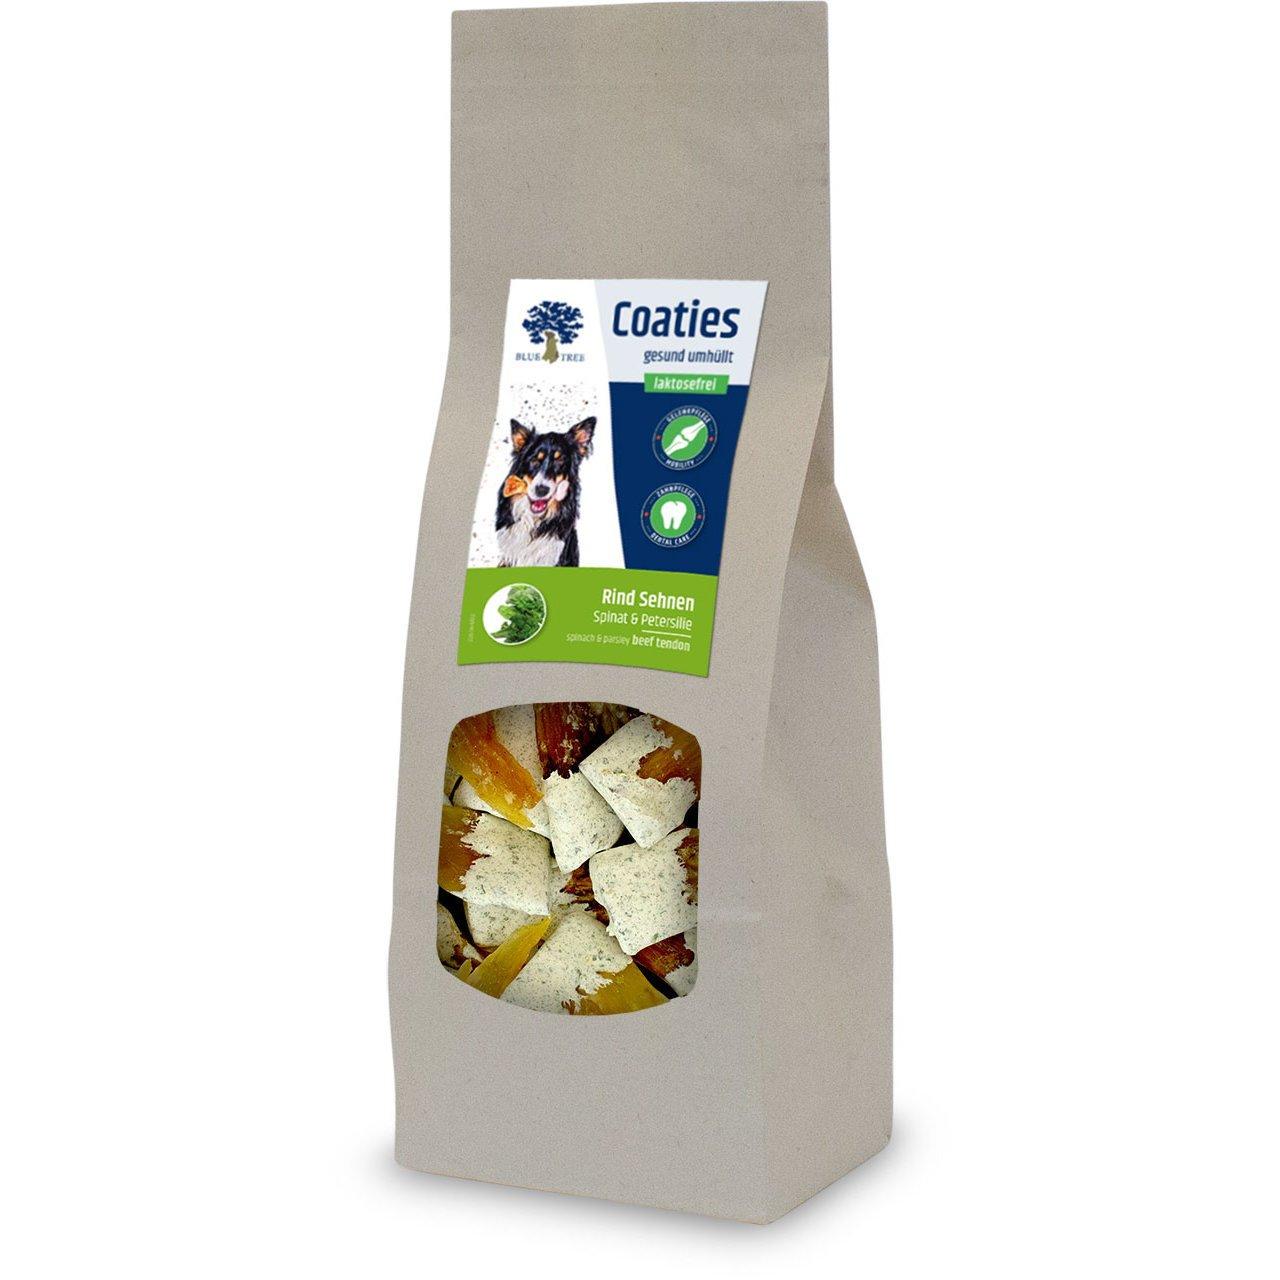 Blue Tree Coaties Hundekausnack mit laktosefreier Milch, Rind Sehnen 100g